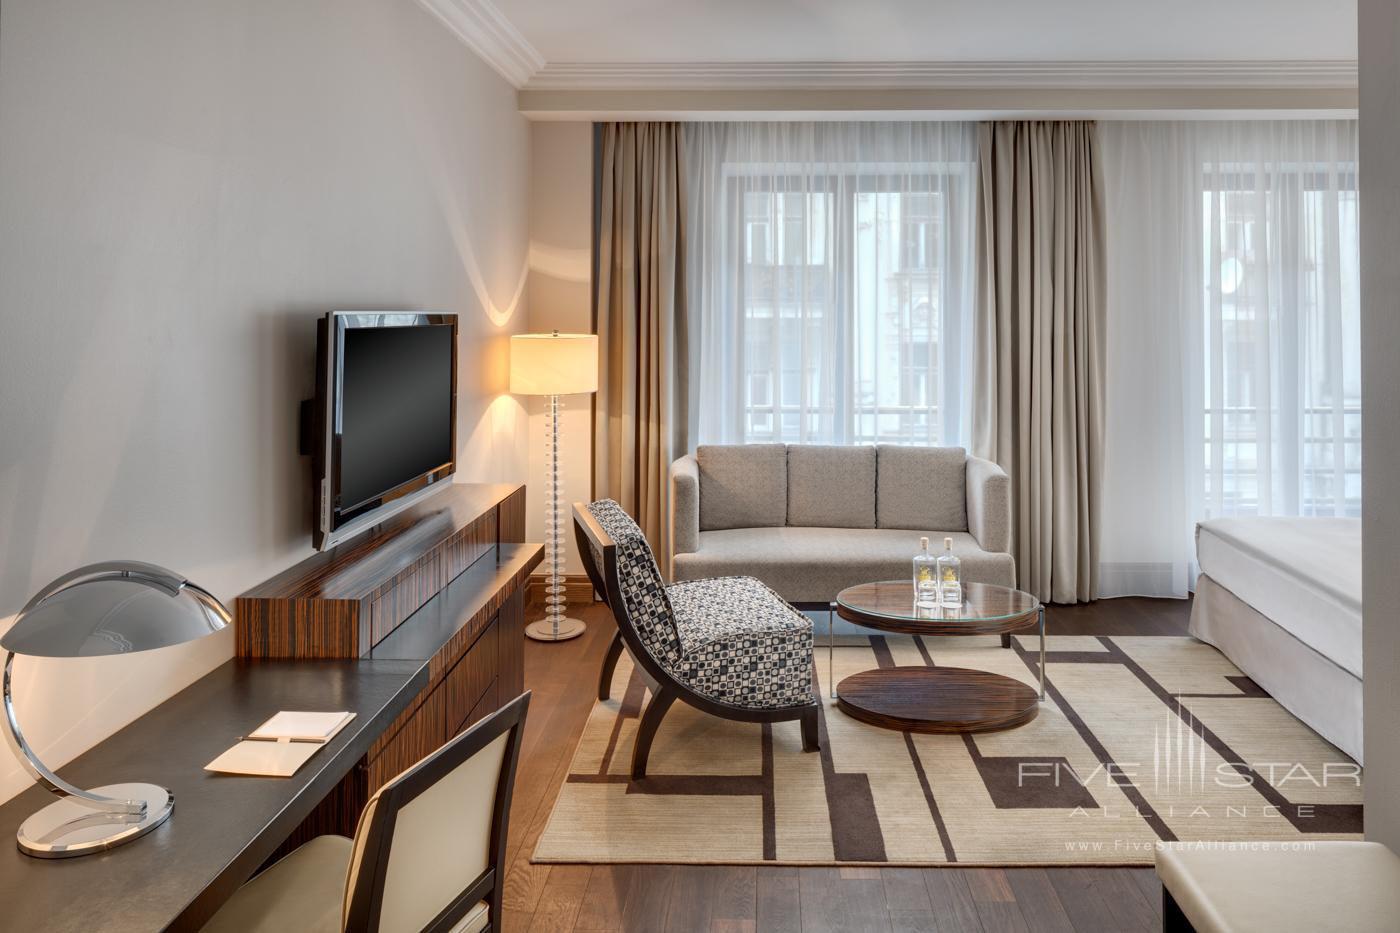 JR Suite at Alcron Hotel Prague, PRAGUE, CZECH REPUBLIC